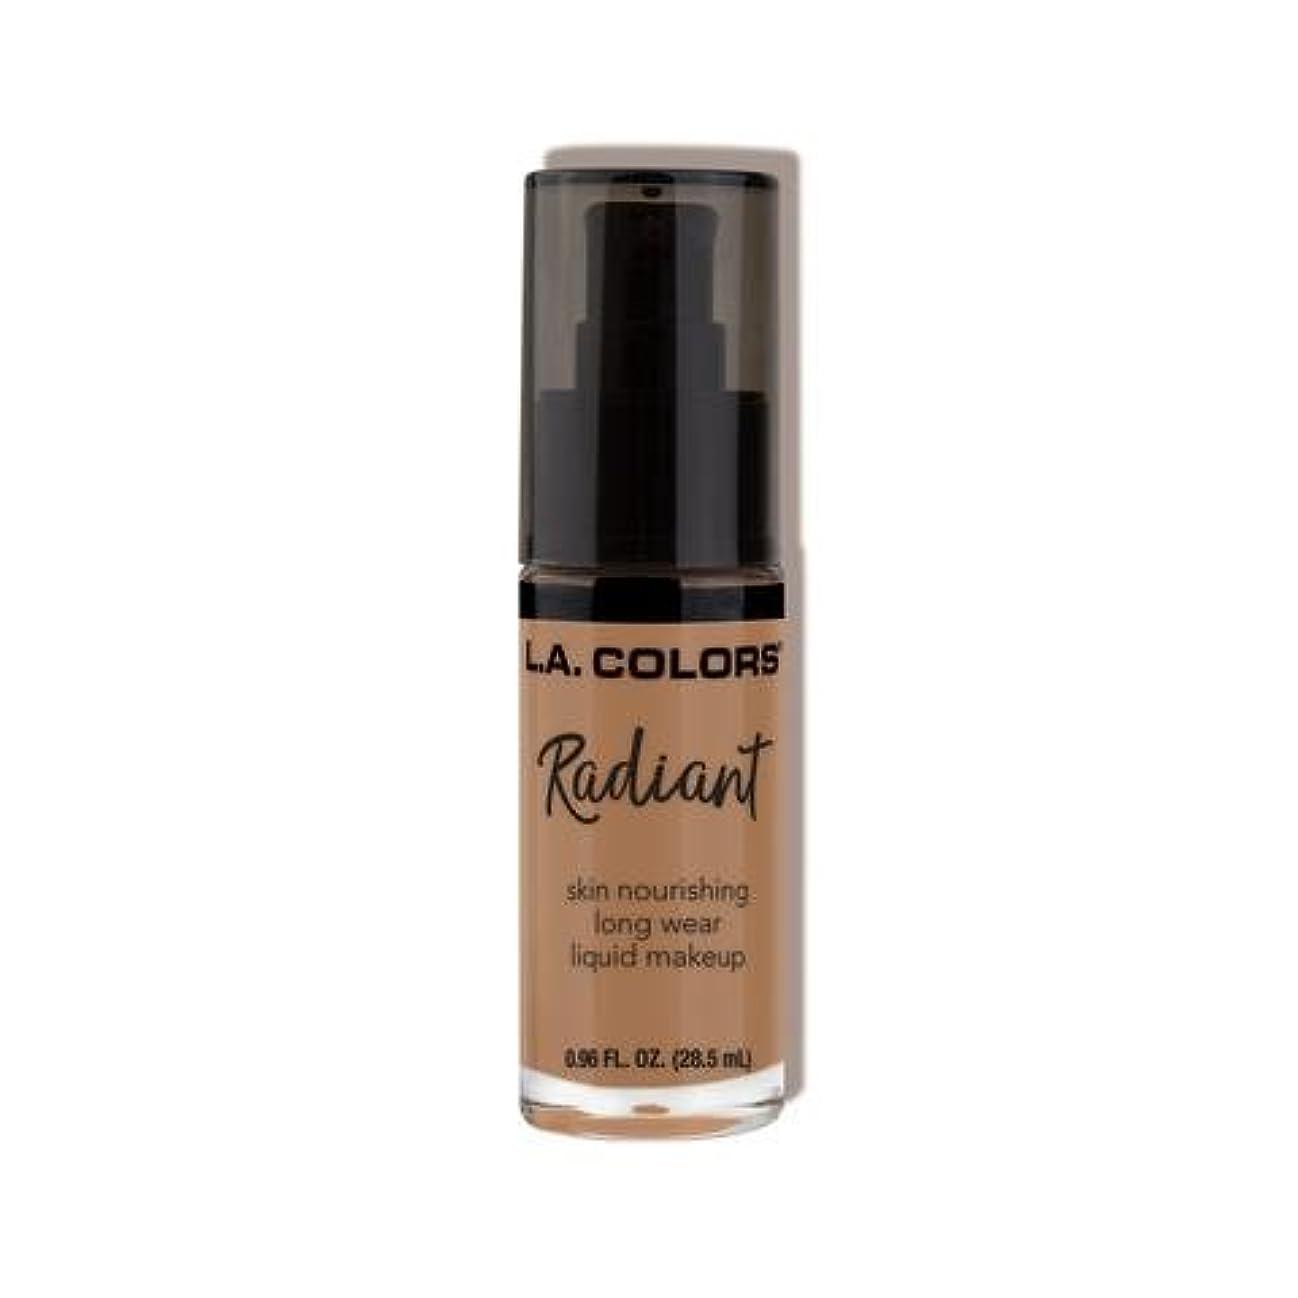 殺人者透けて見えるブラシ(3 Pack) L.A. COLORS Radiant Liquid Makeup - Creamy Cafe (並行輸入品)